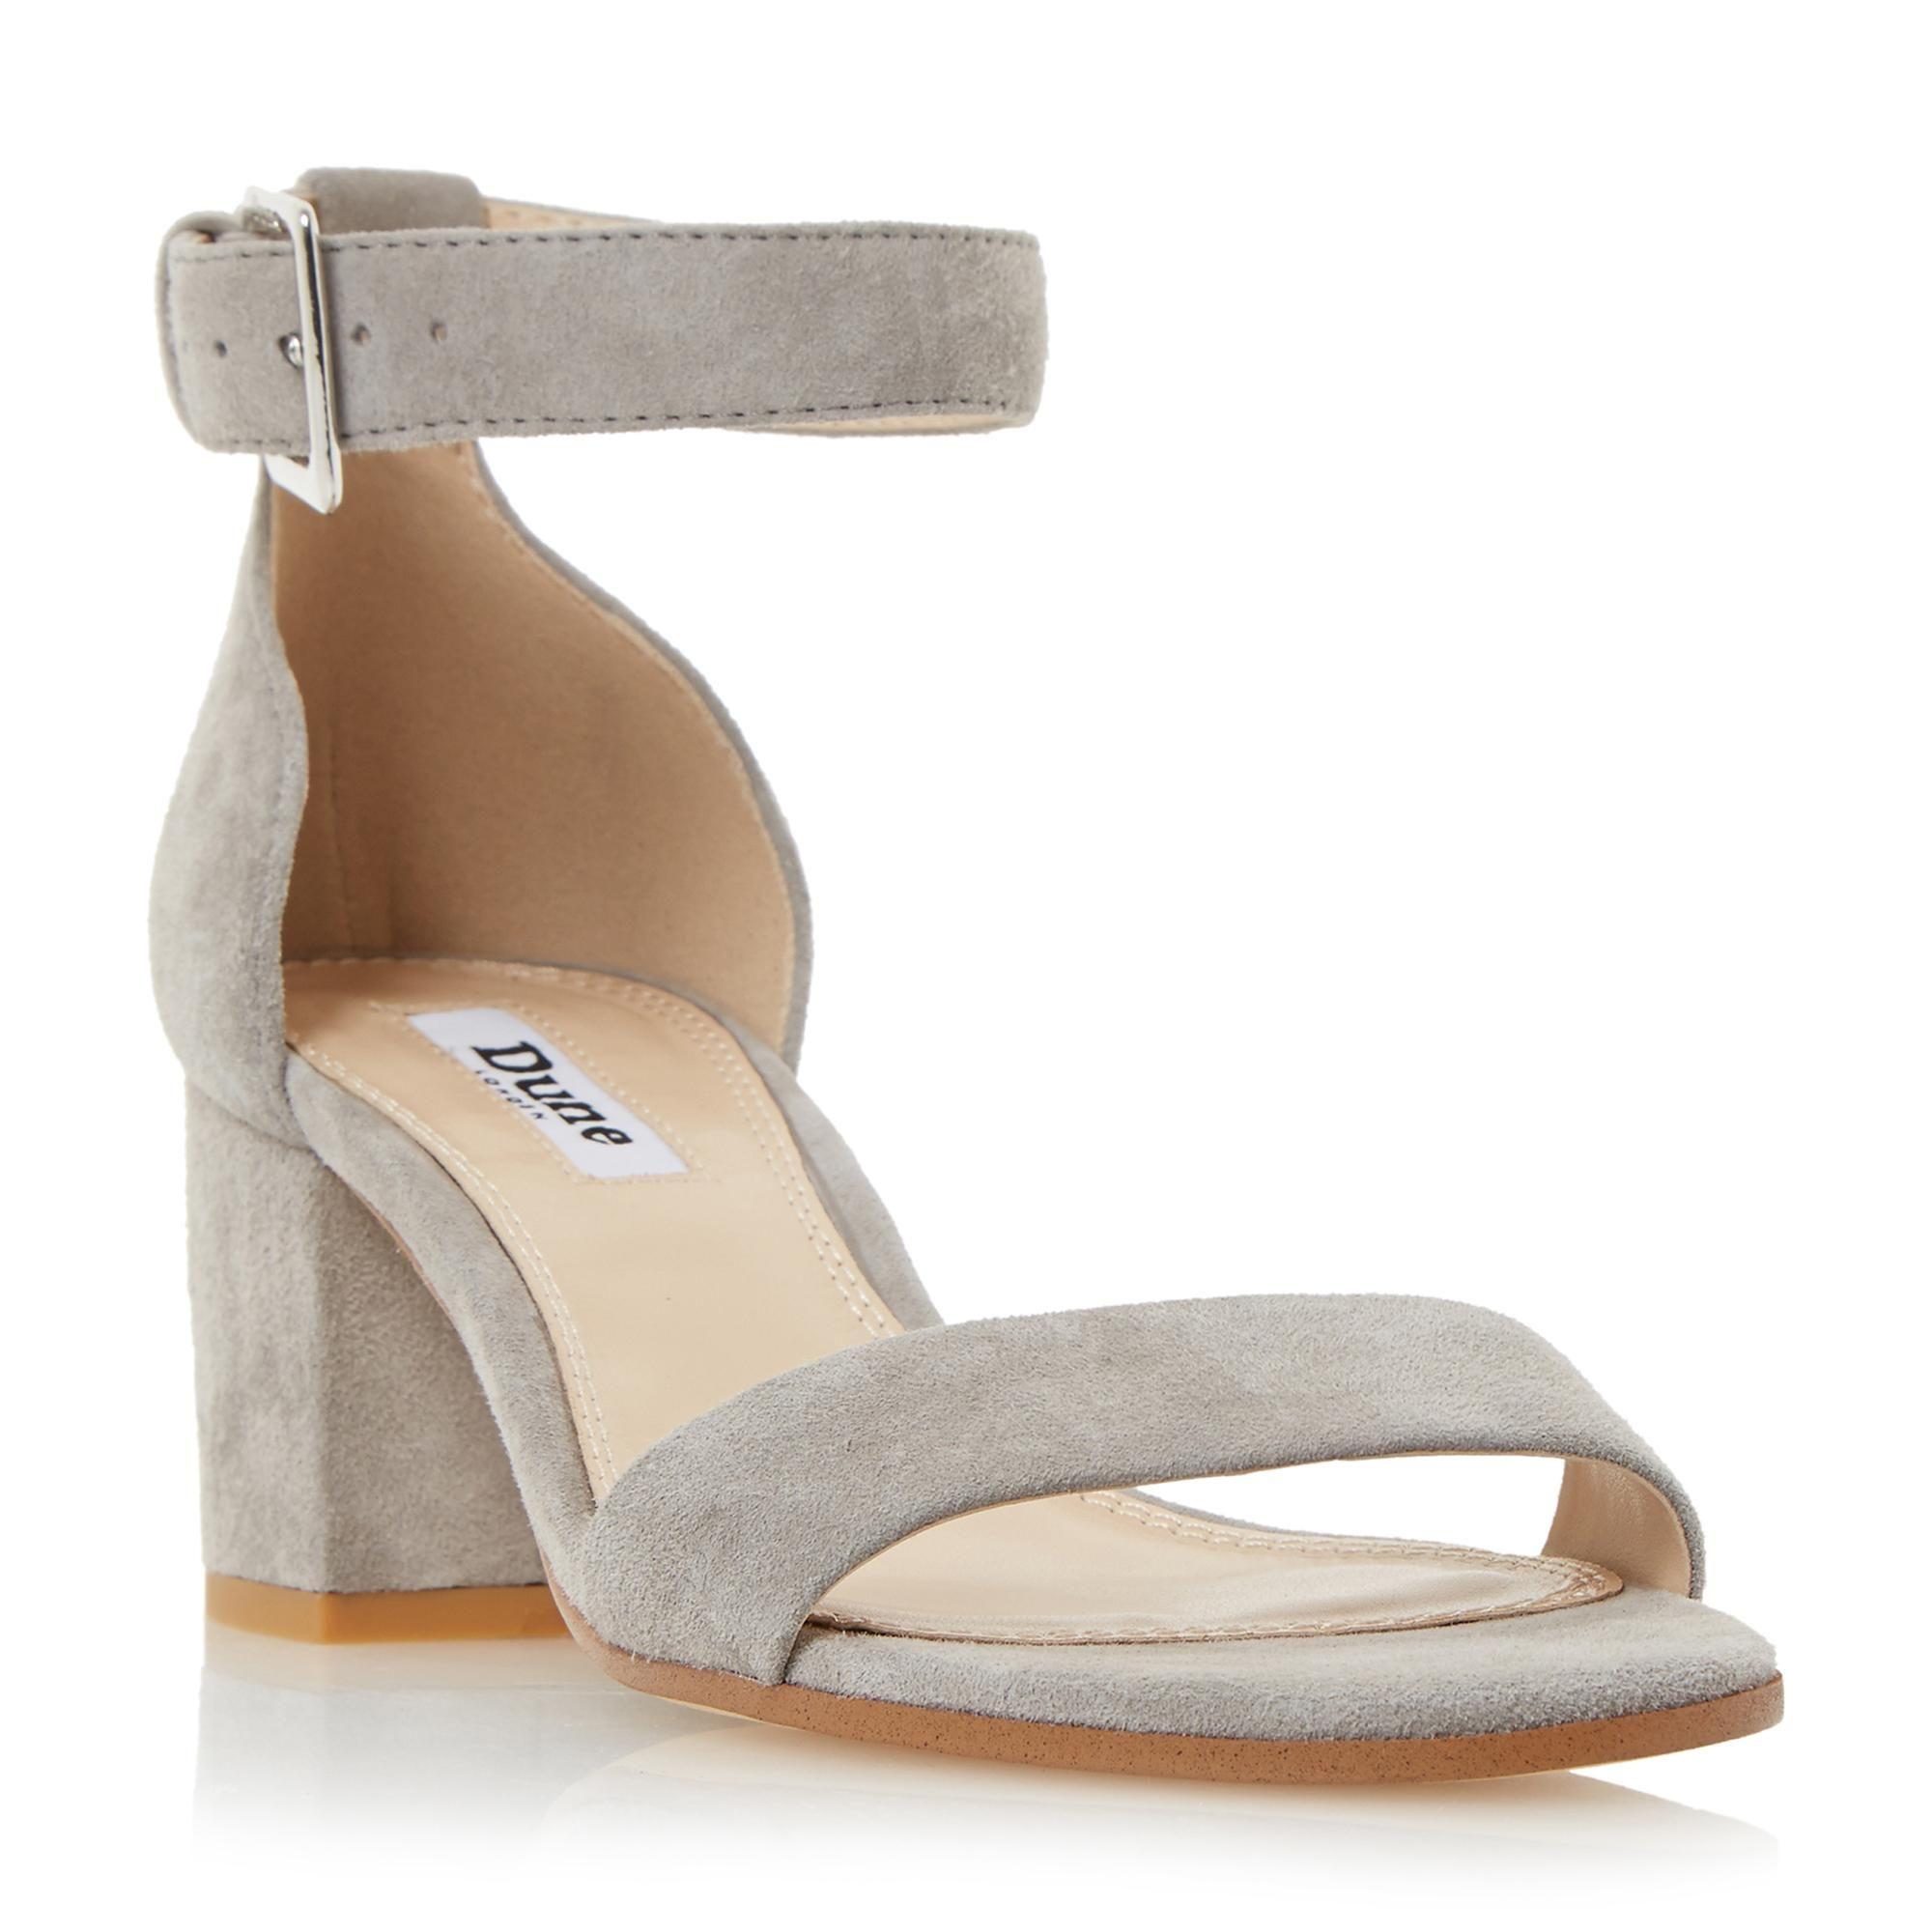 bb841d96c7 DUNE LADIES JAYGO - Two Part Block Heel Sandal - grey | Dune Shoes Online